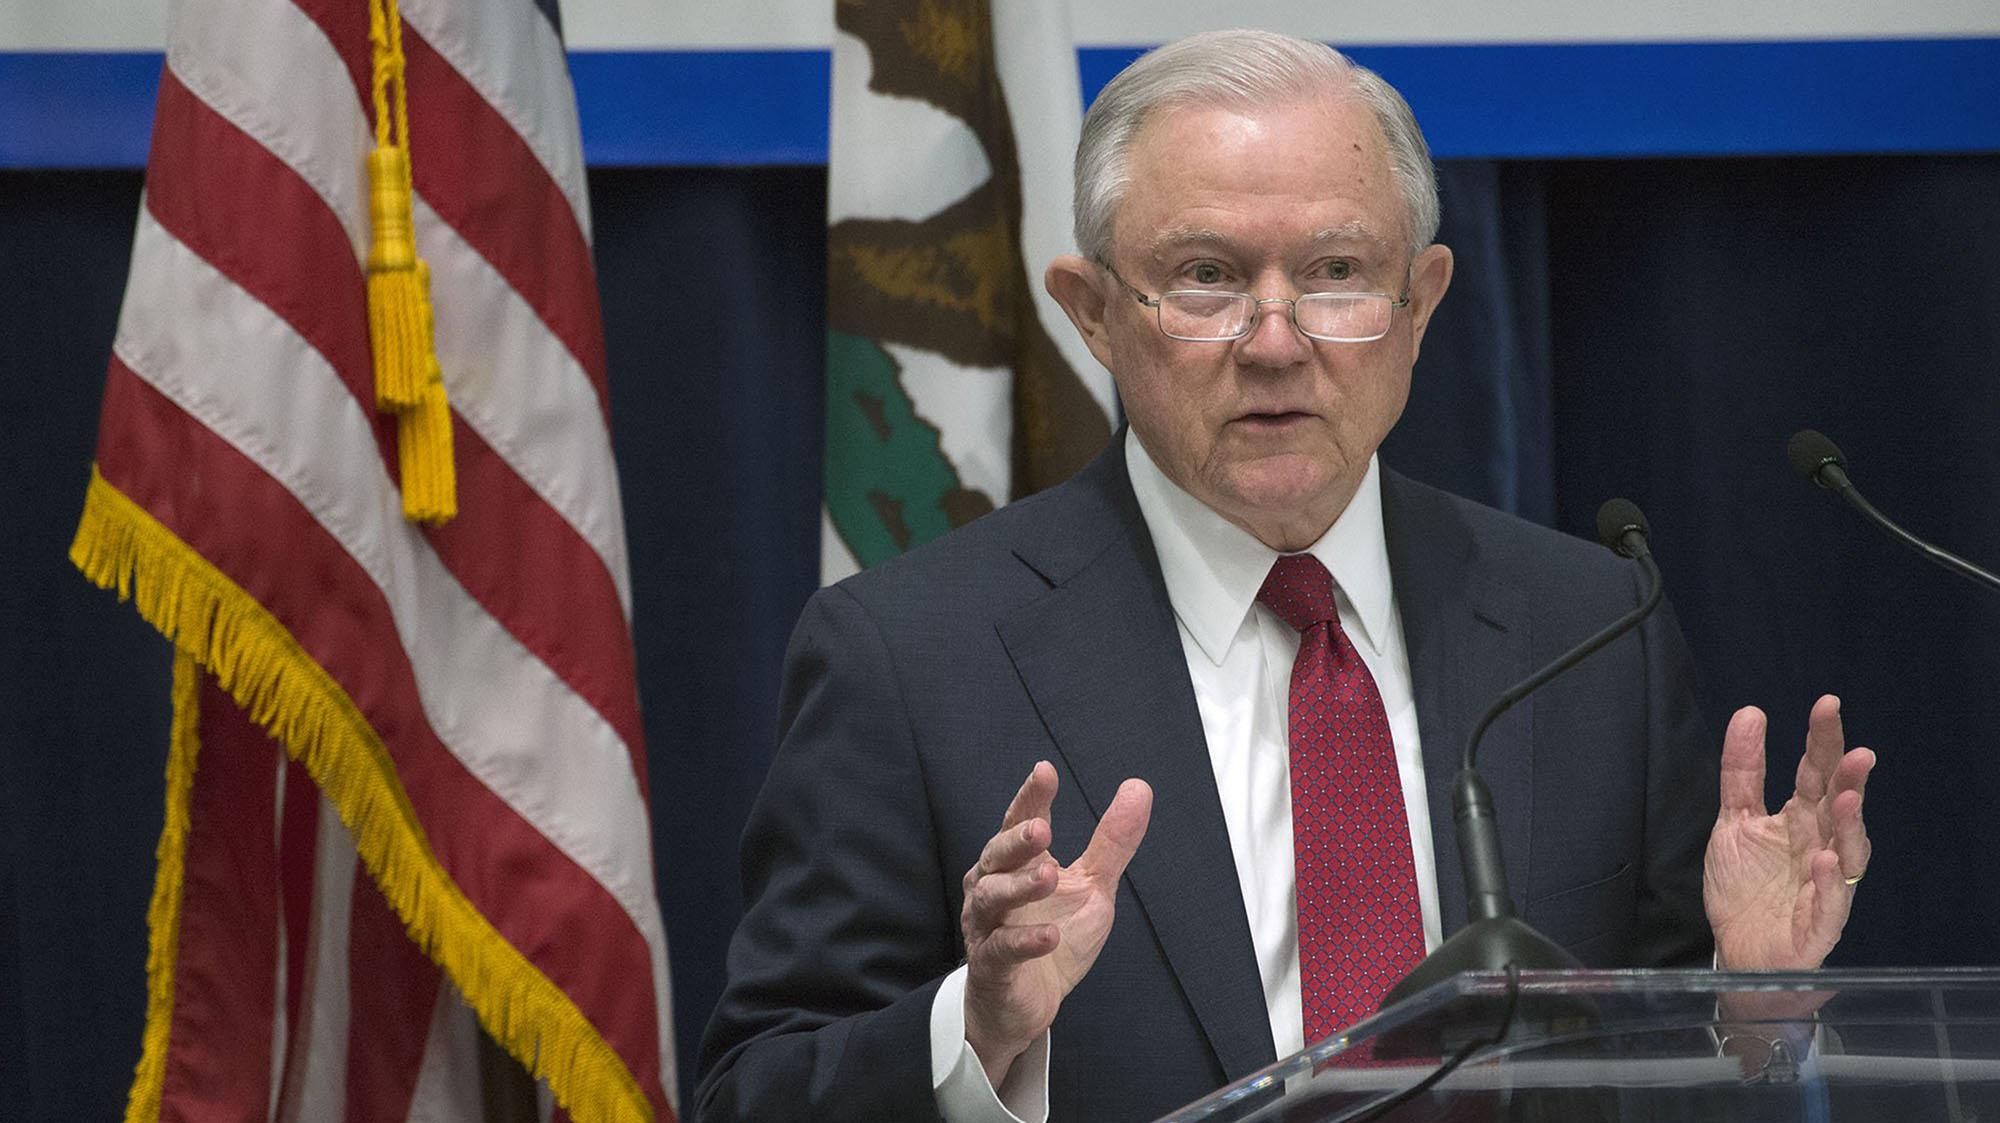 DOJ Inspector General Will Investigate Obama Administration FISA Abuse